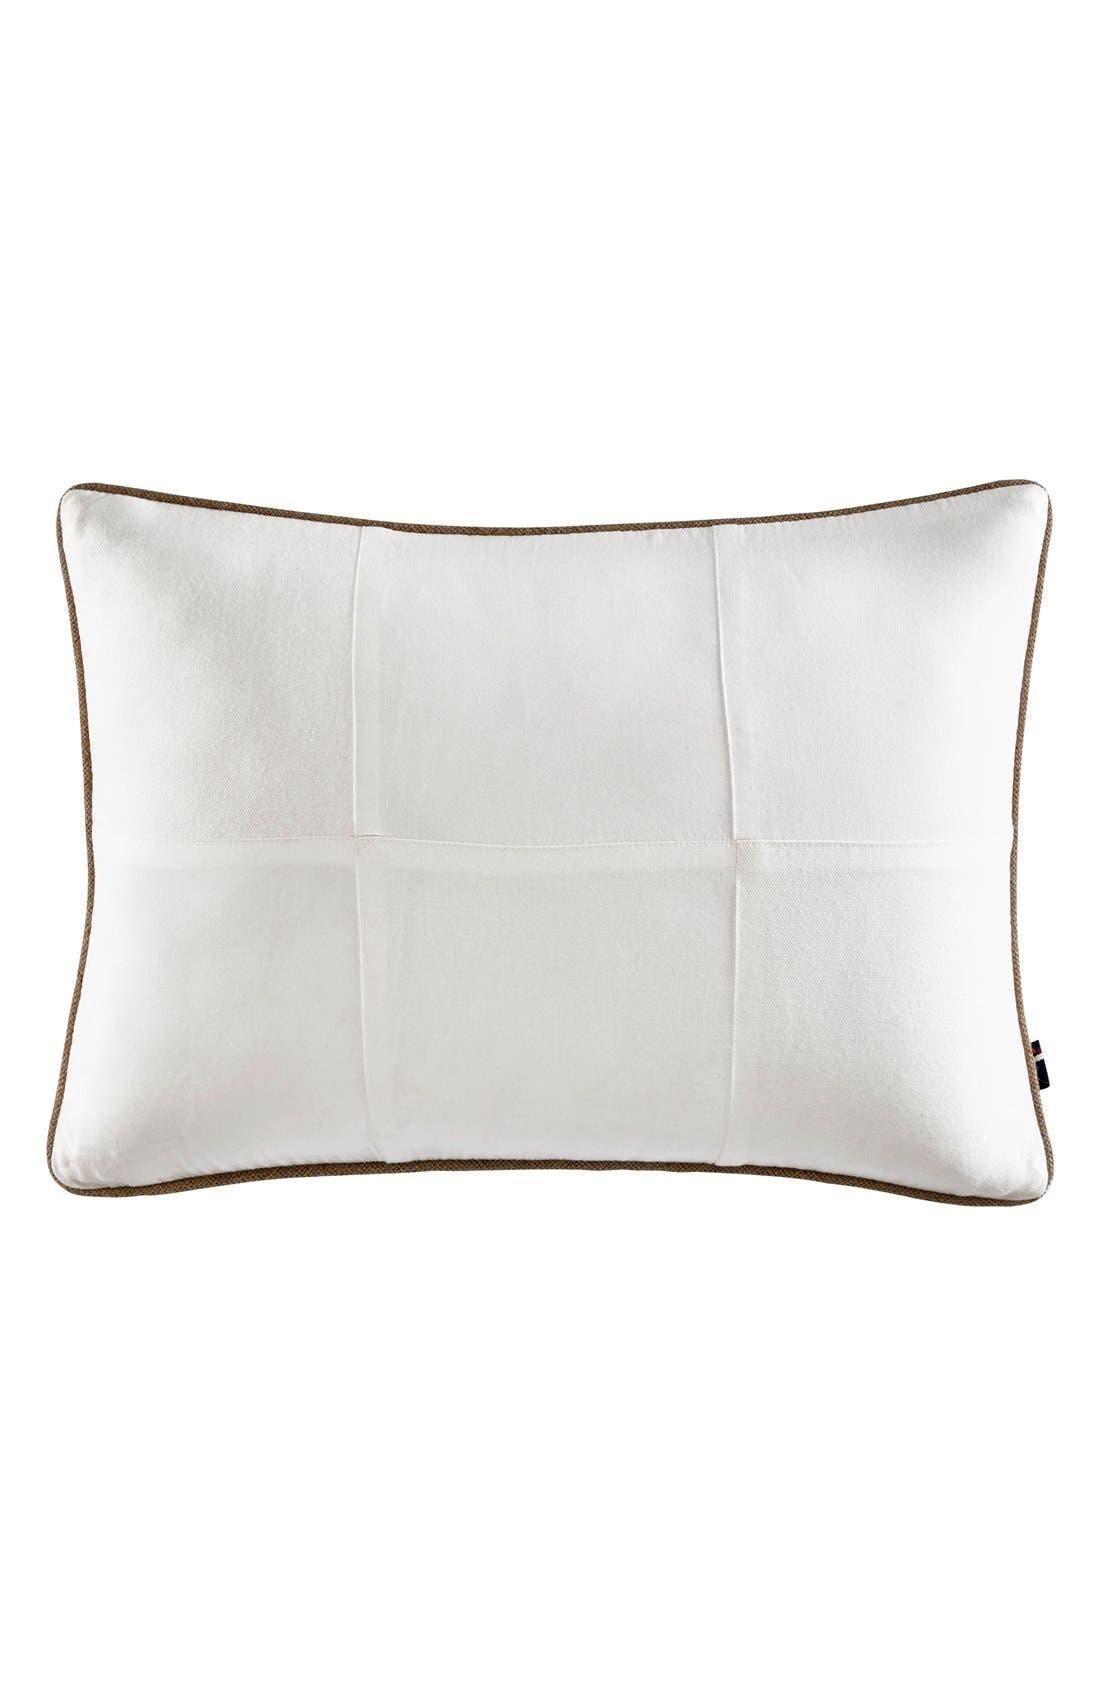 Longview Accent Pillow,                             Main thumbnail 1, color,